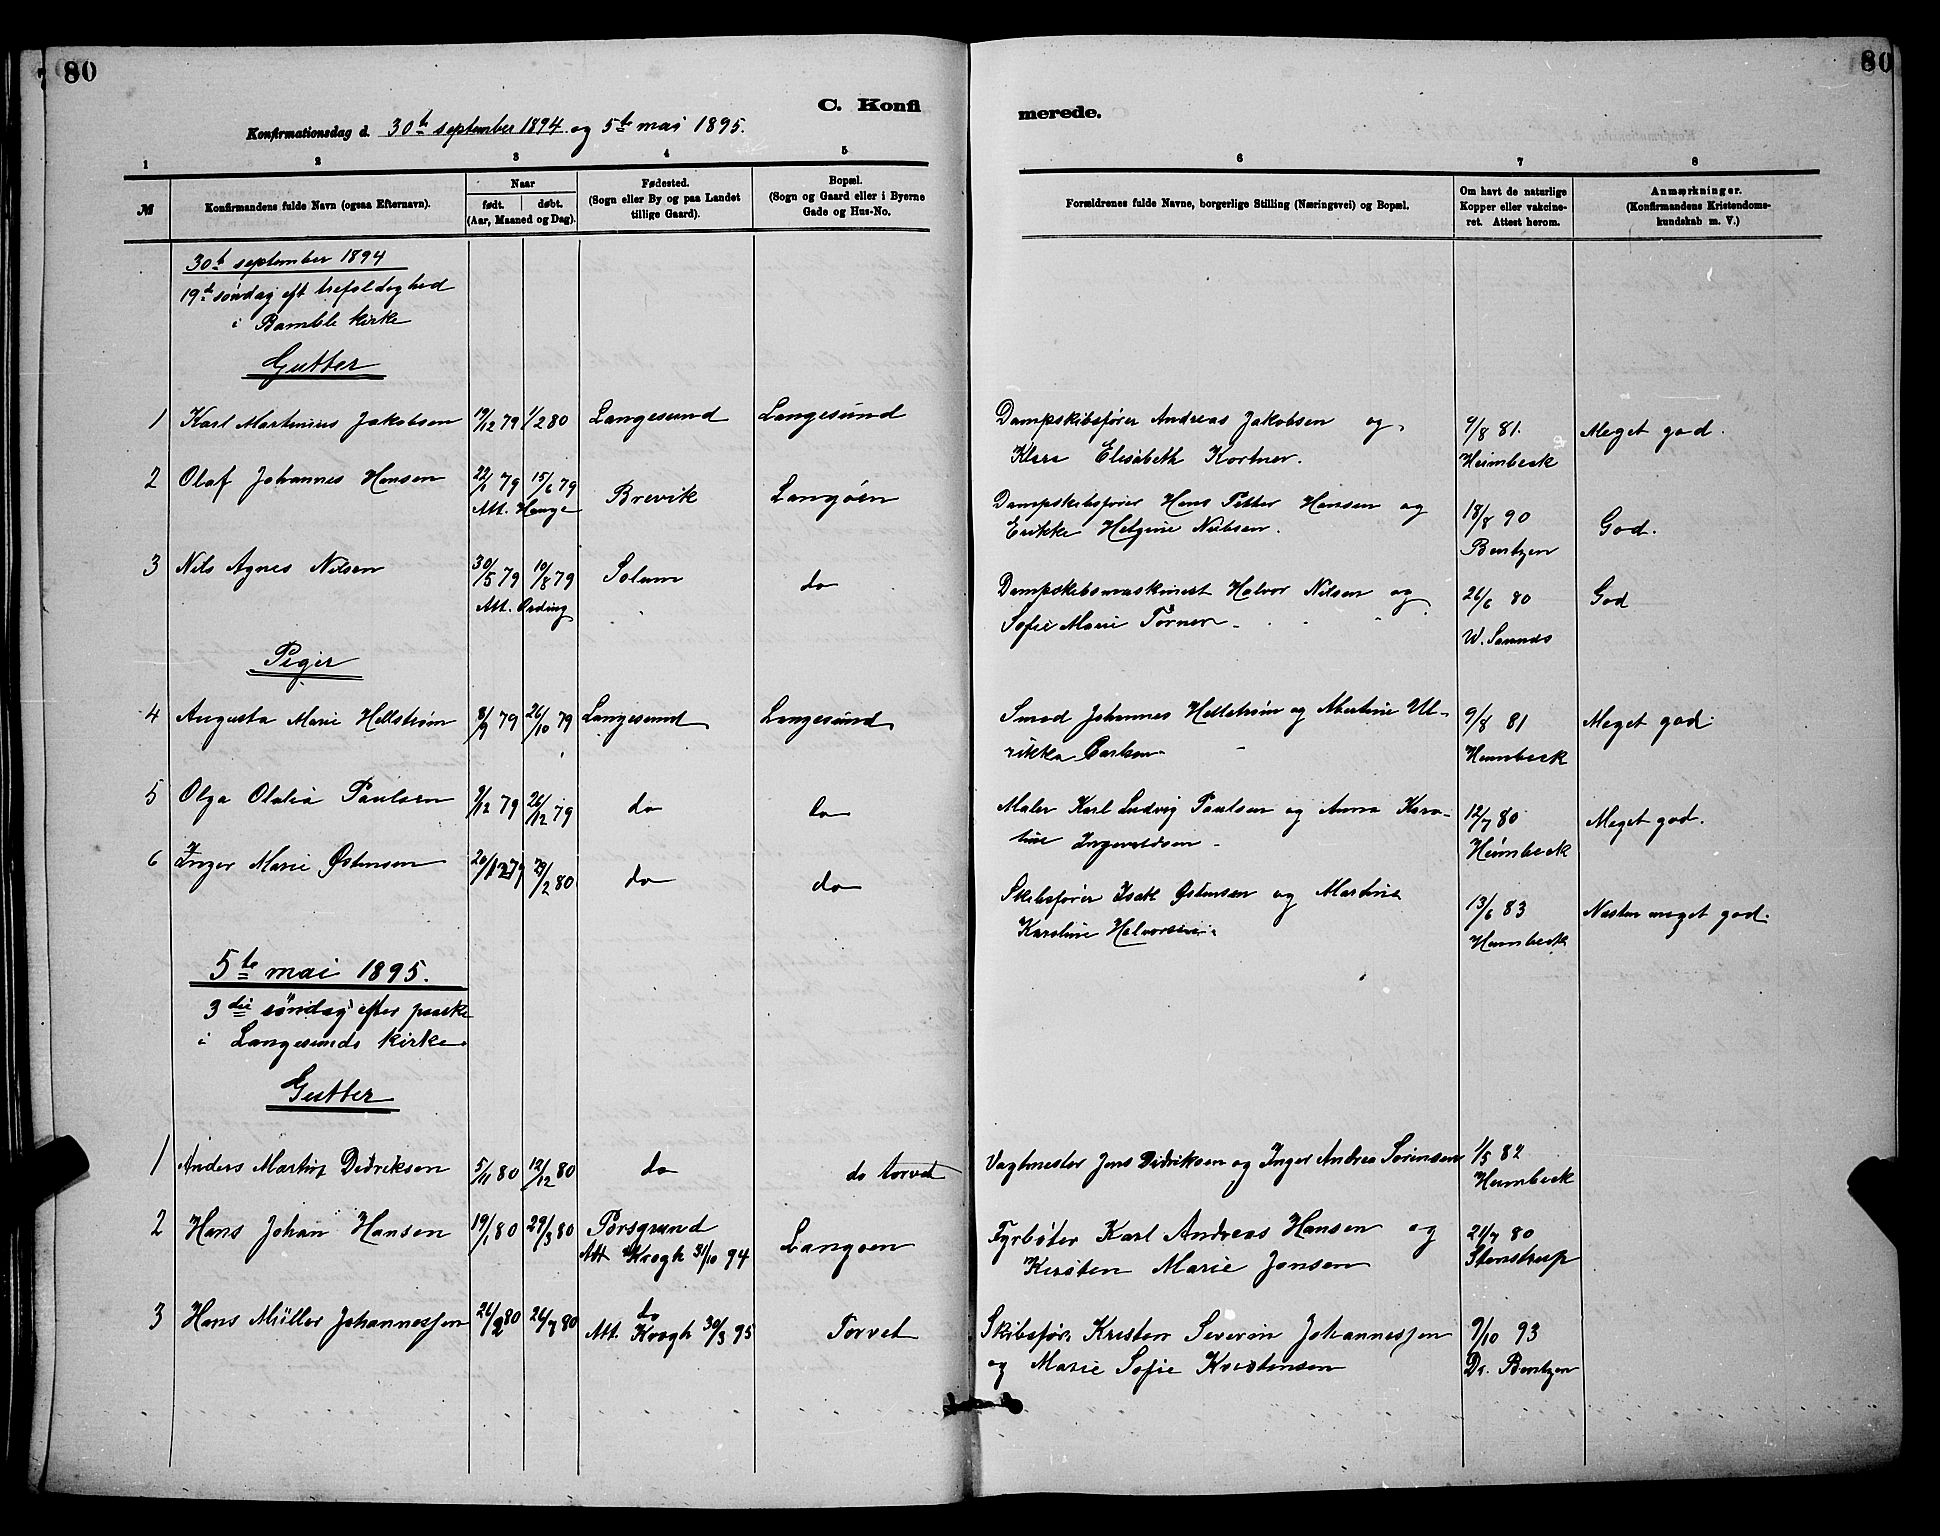 SAKO, Langesund kirkebøker, G/Ga/L0005: Klokkerbok nr. 5, 1884-1898, s. 80